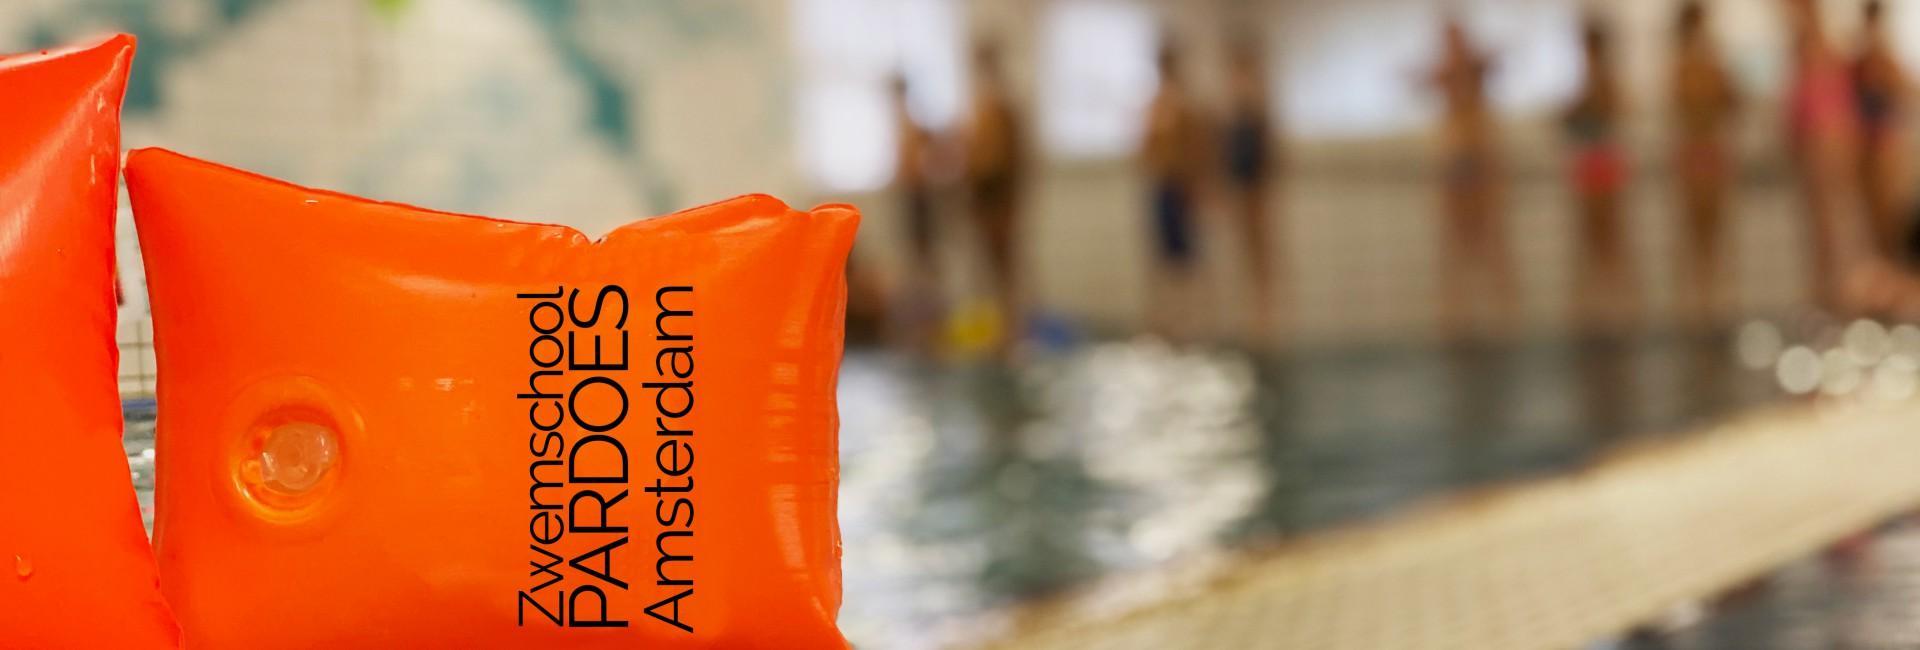 Zwemles in het weekend